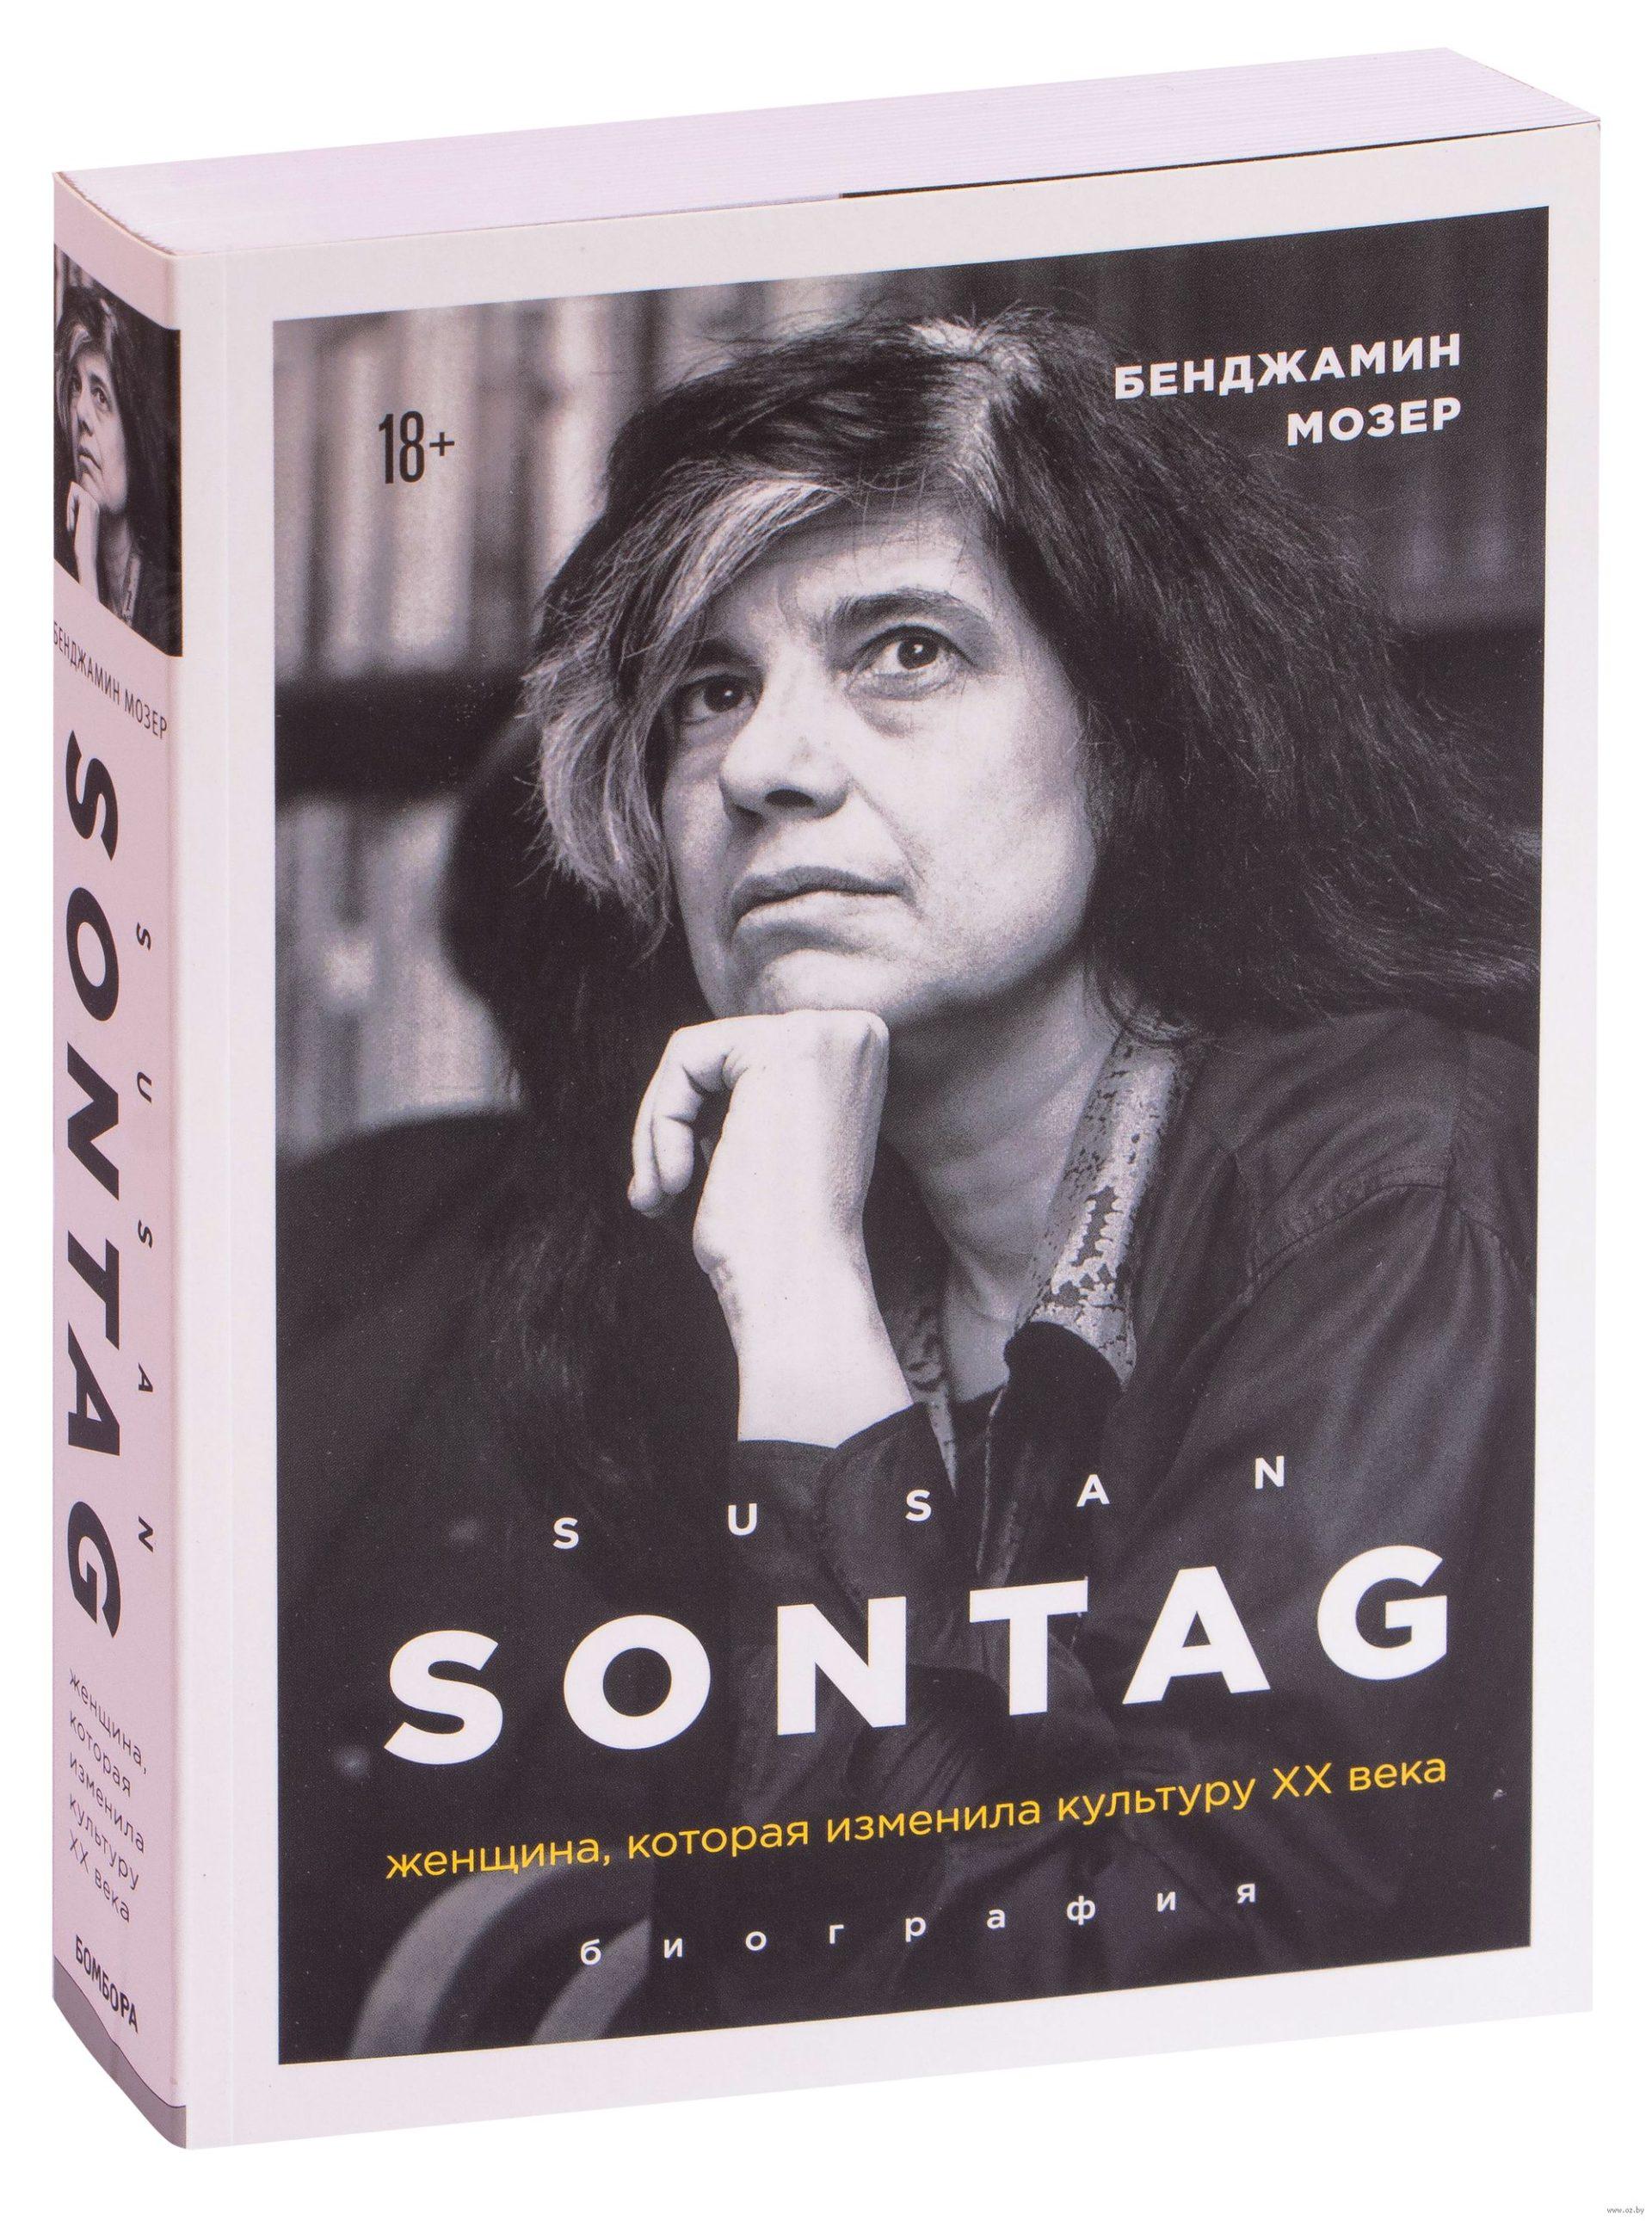 Сьюзен Зонтаг: стать гением